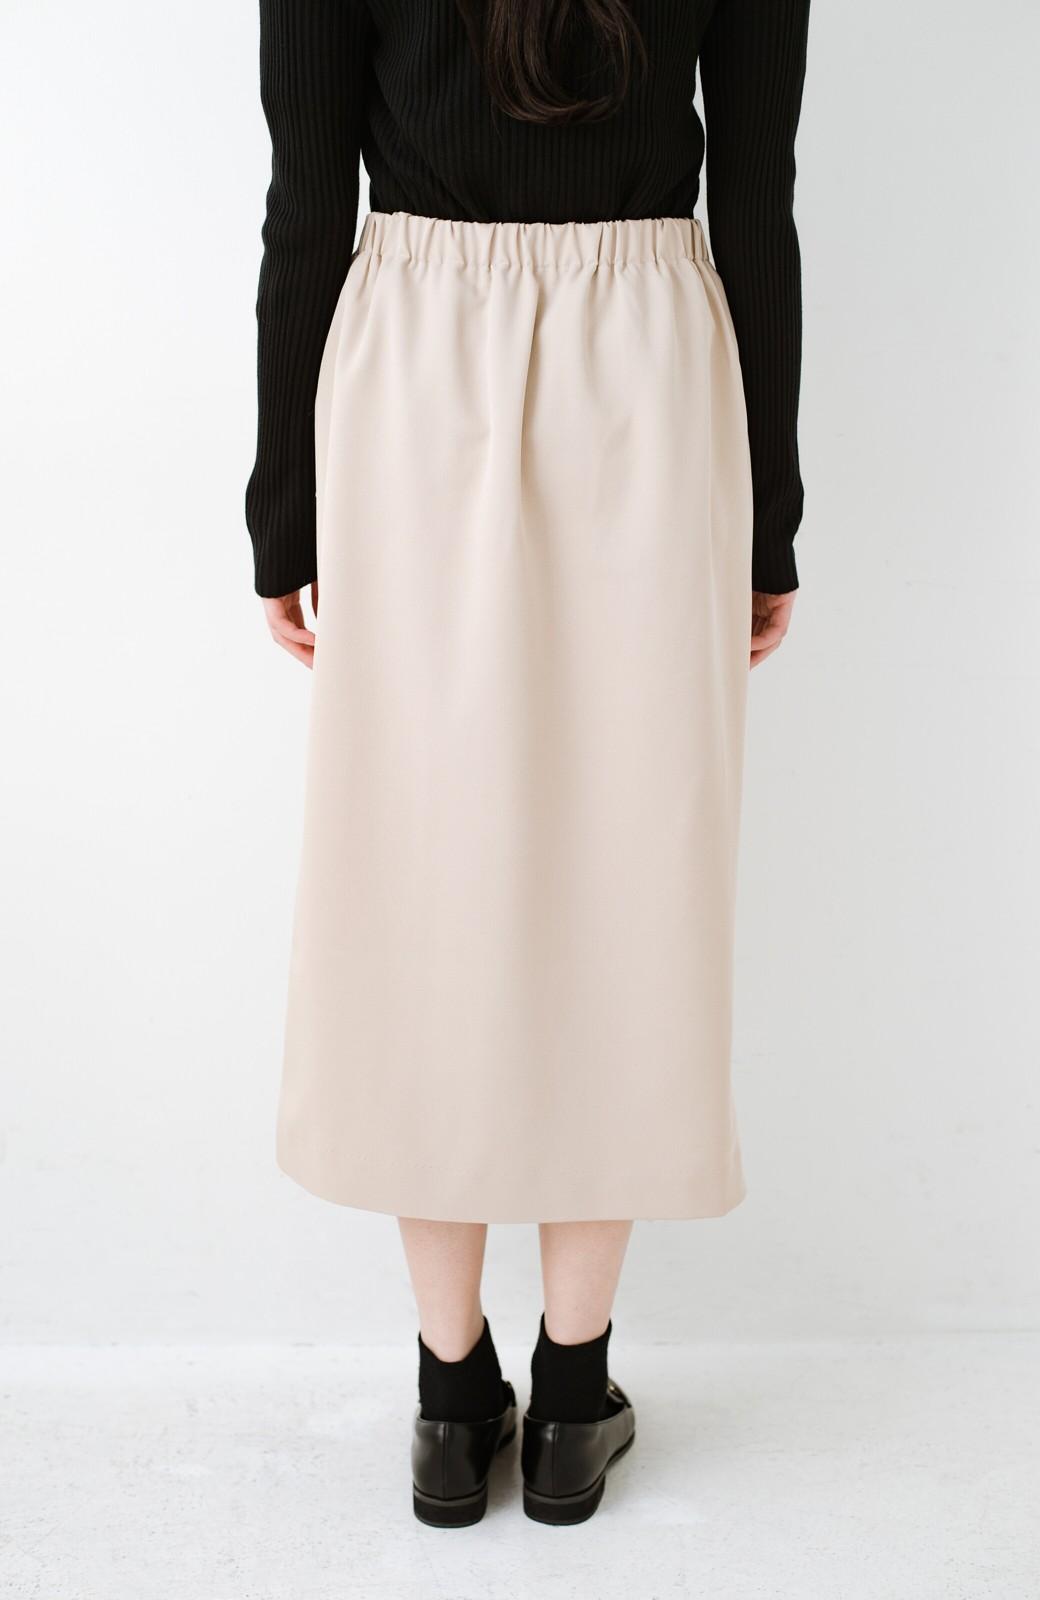 haco! いざというとき困らないための 大人のフォーマルジャケット・パンツ・スカート3点セット by que made me <ベージュ>の商品写真38